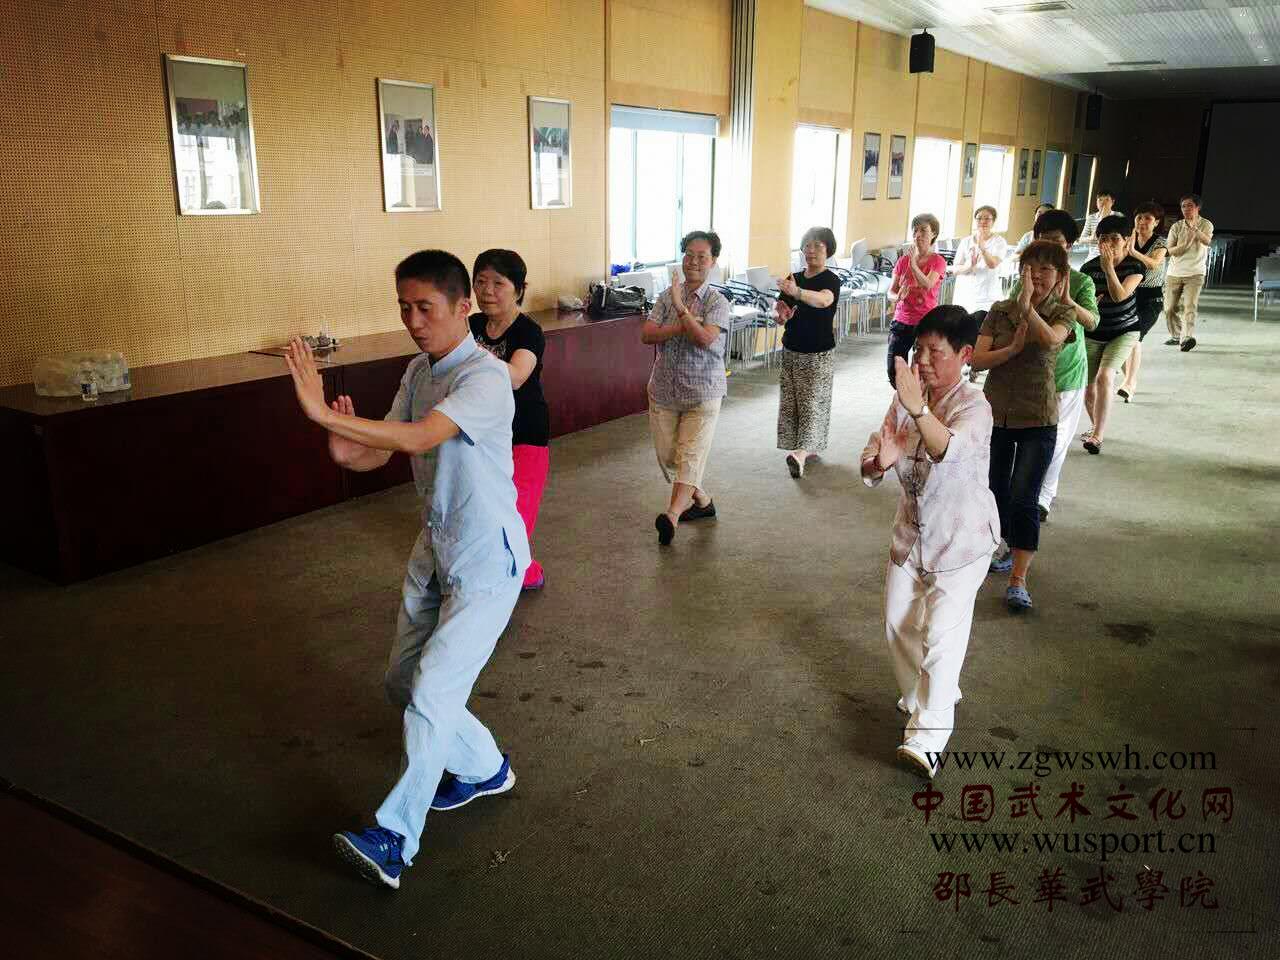 邵长华受邀到上海市第一人民医院教学龙身蛇形太极拳